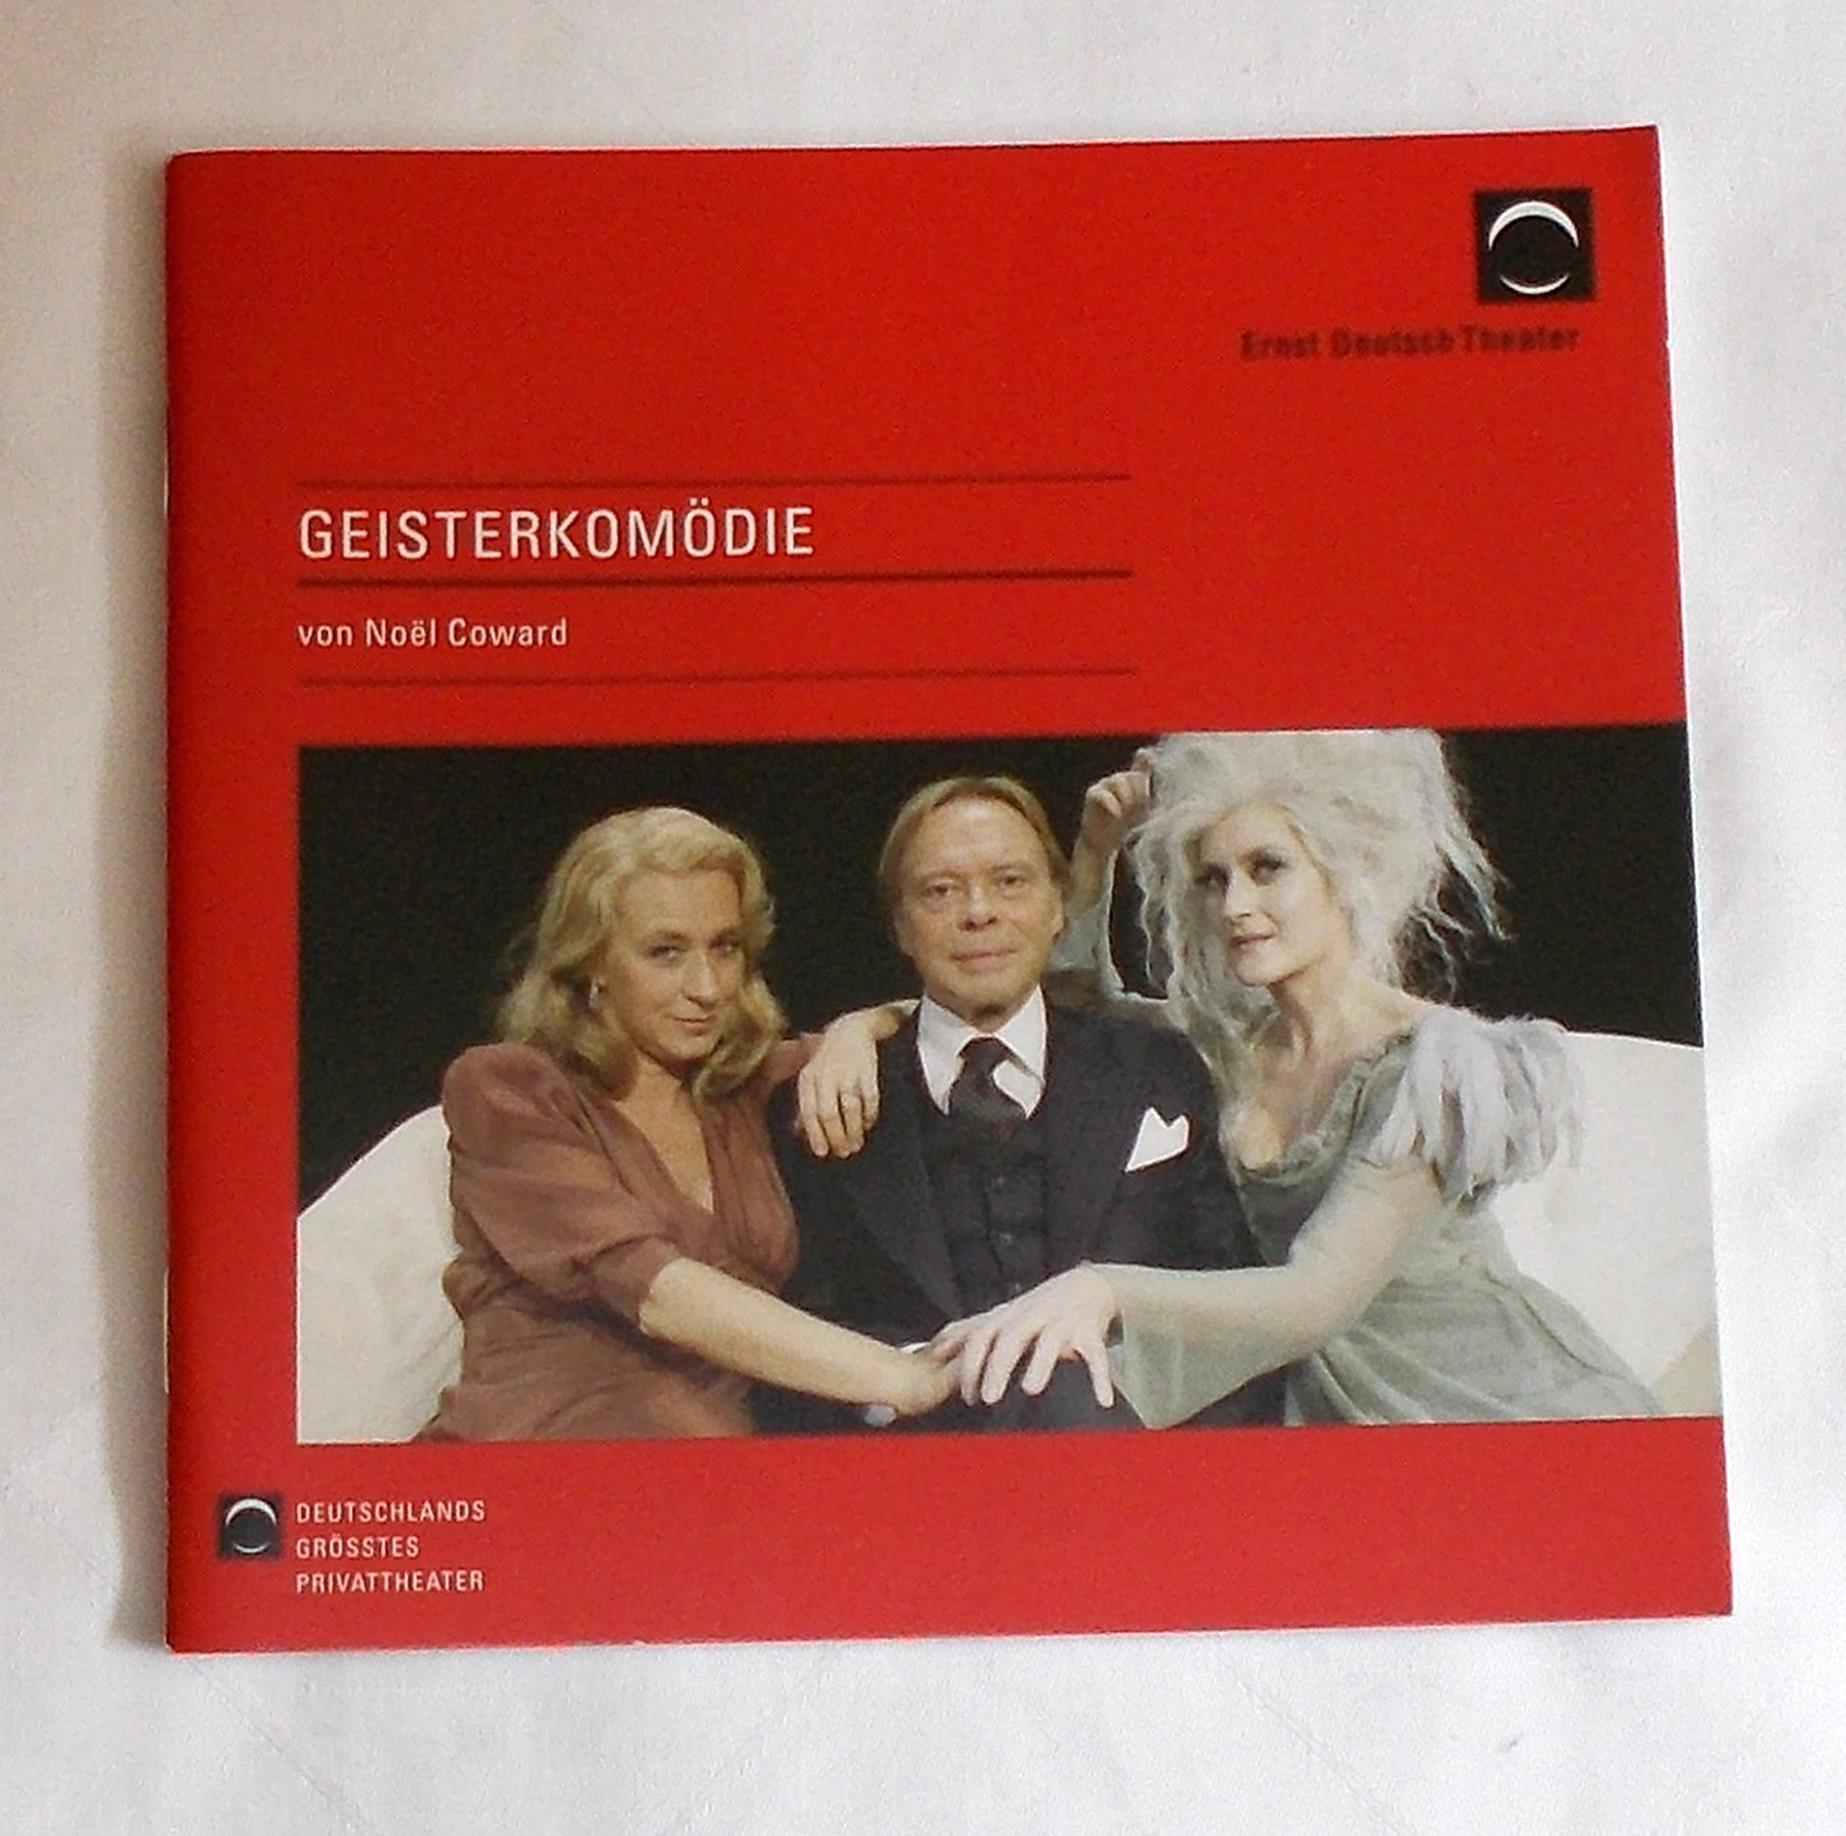 Programmheft GEISTERKOMÖDIE von Noel Coward Ernst Deutsch Theater 2008